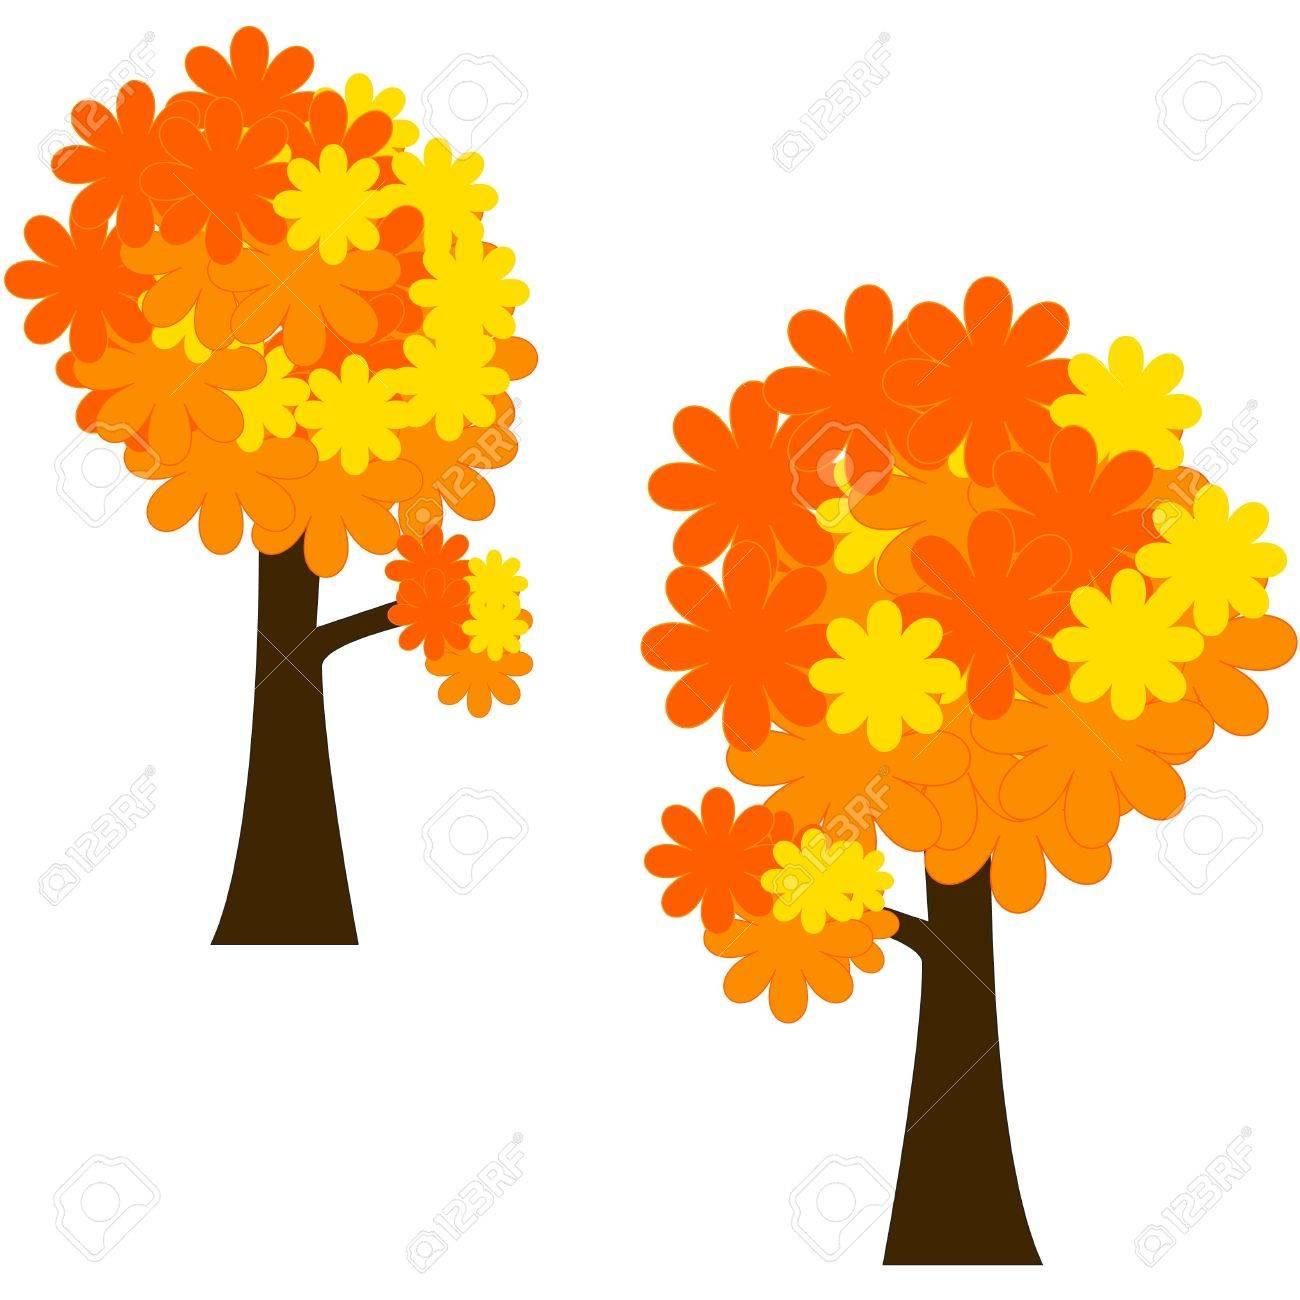 Herbst Baum Mit Stilisierten Blättern Clipart Lizenzfrei Nutzbare